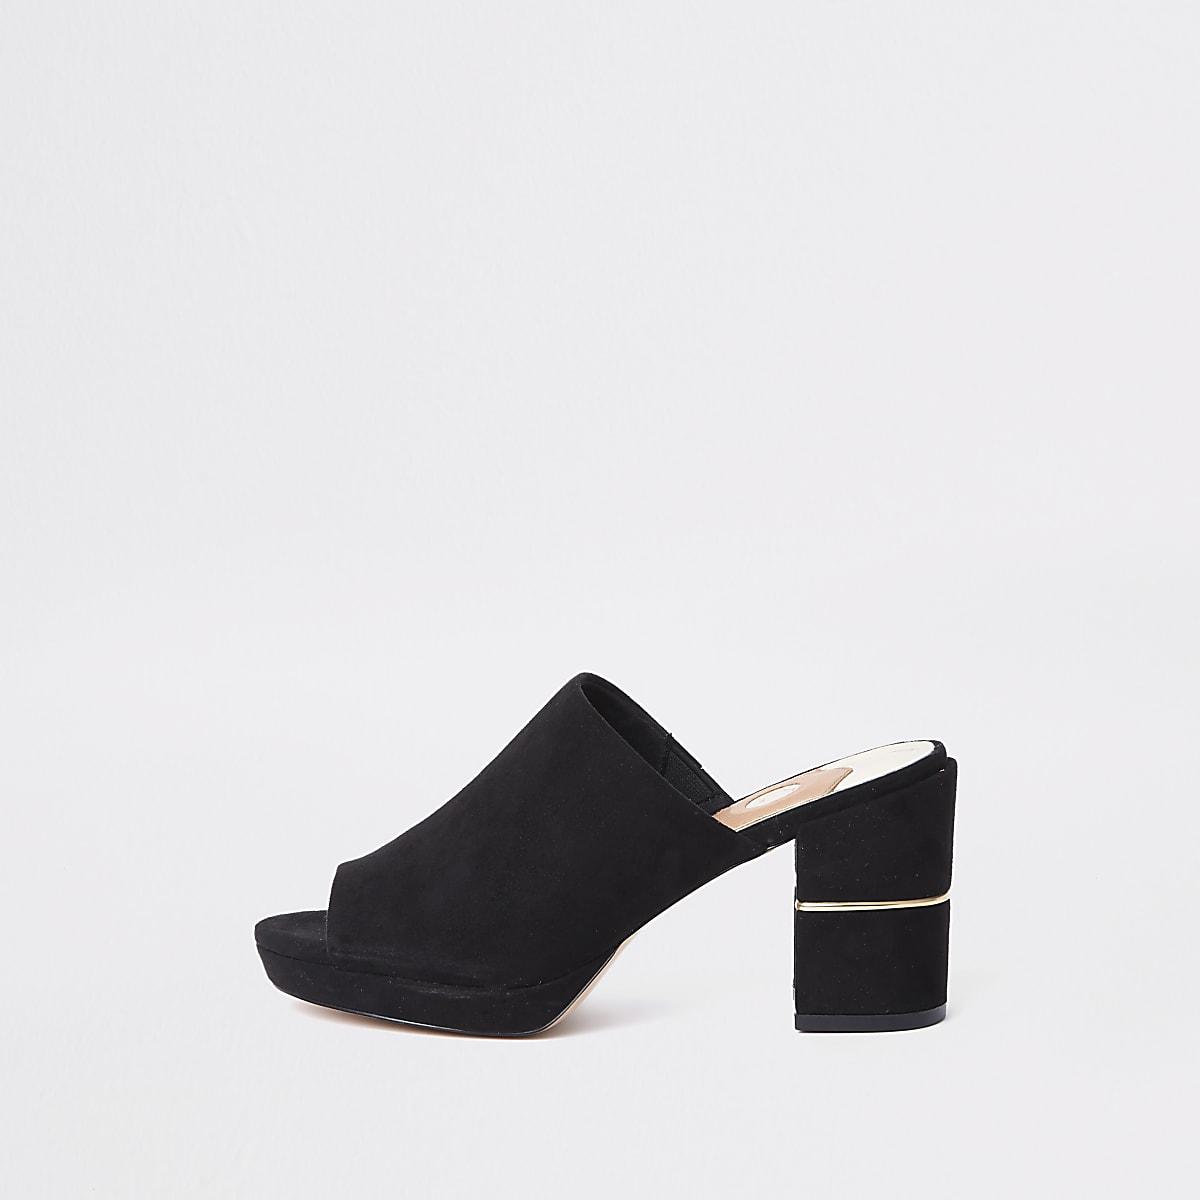 ed738d94fd4 Black platform block heel mule - Sandals - Shoes   Boots - women